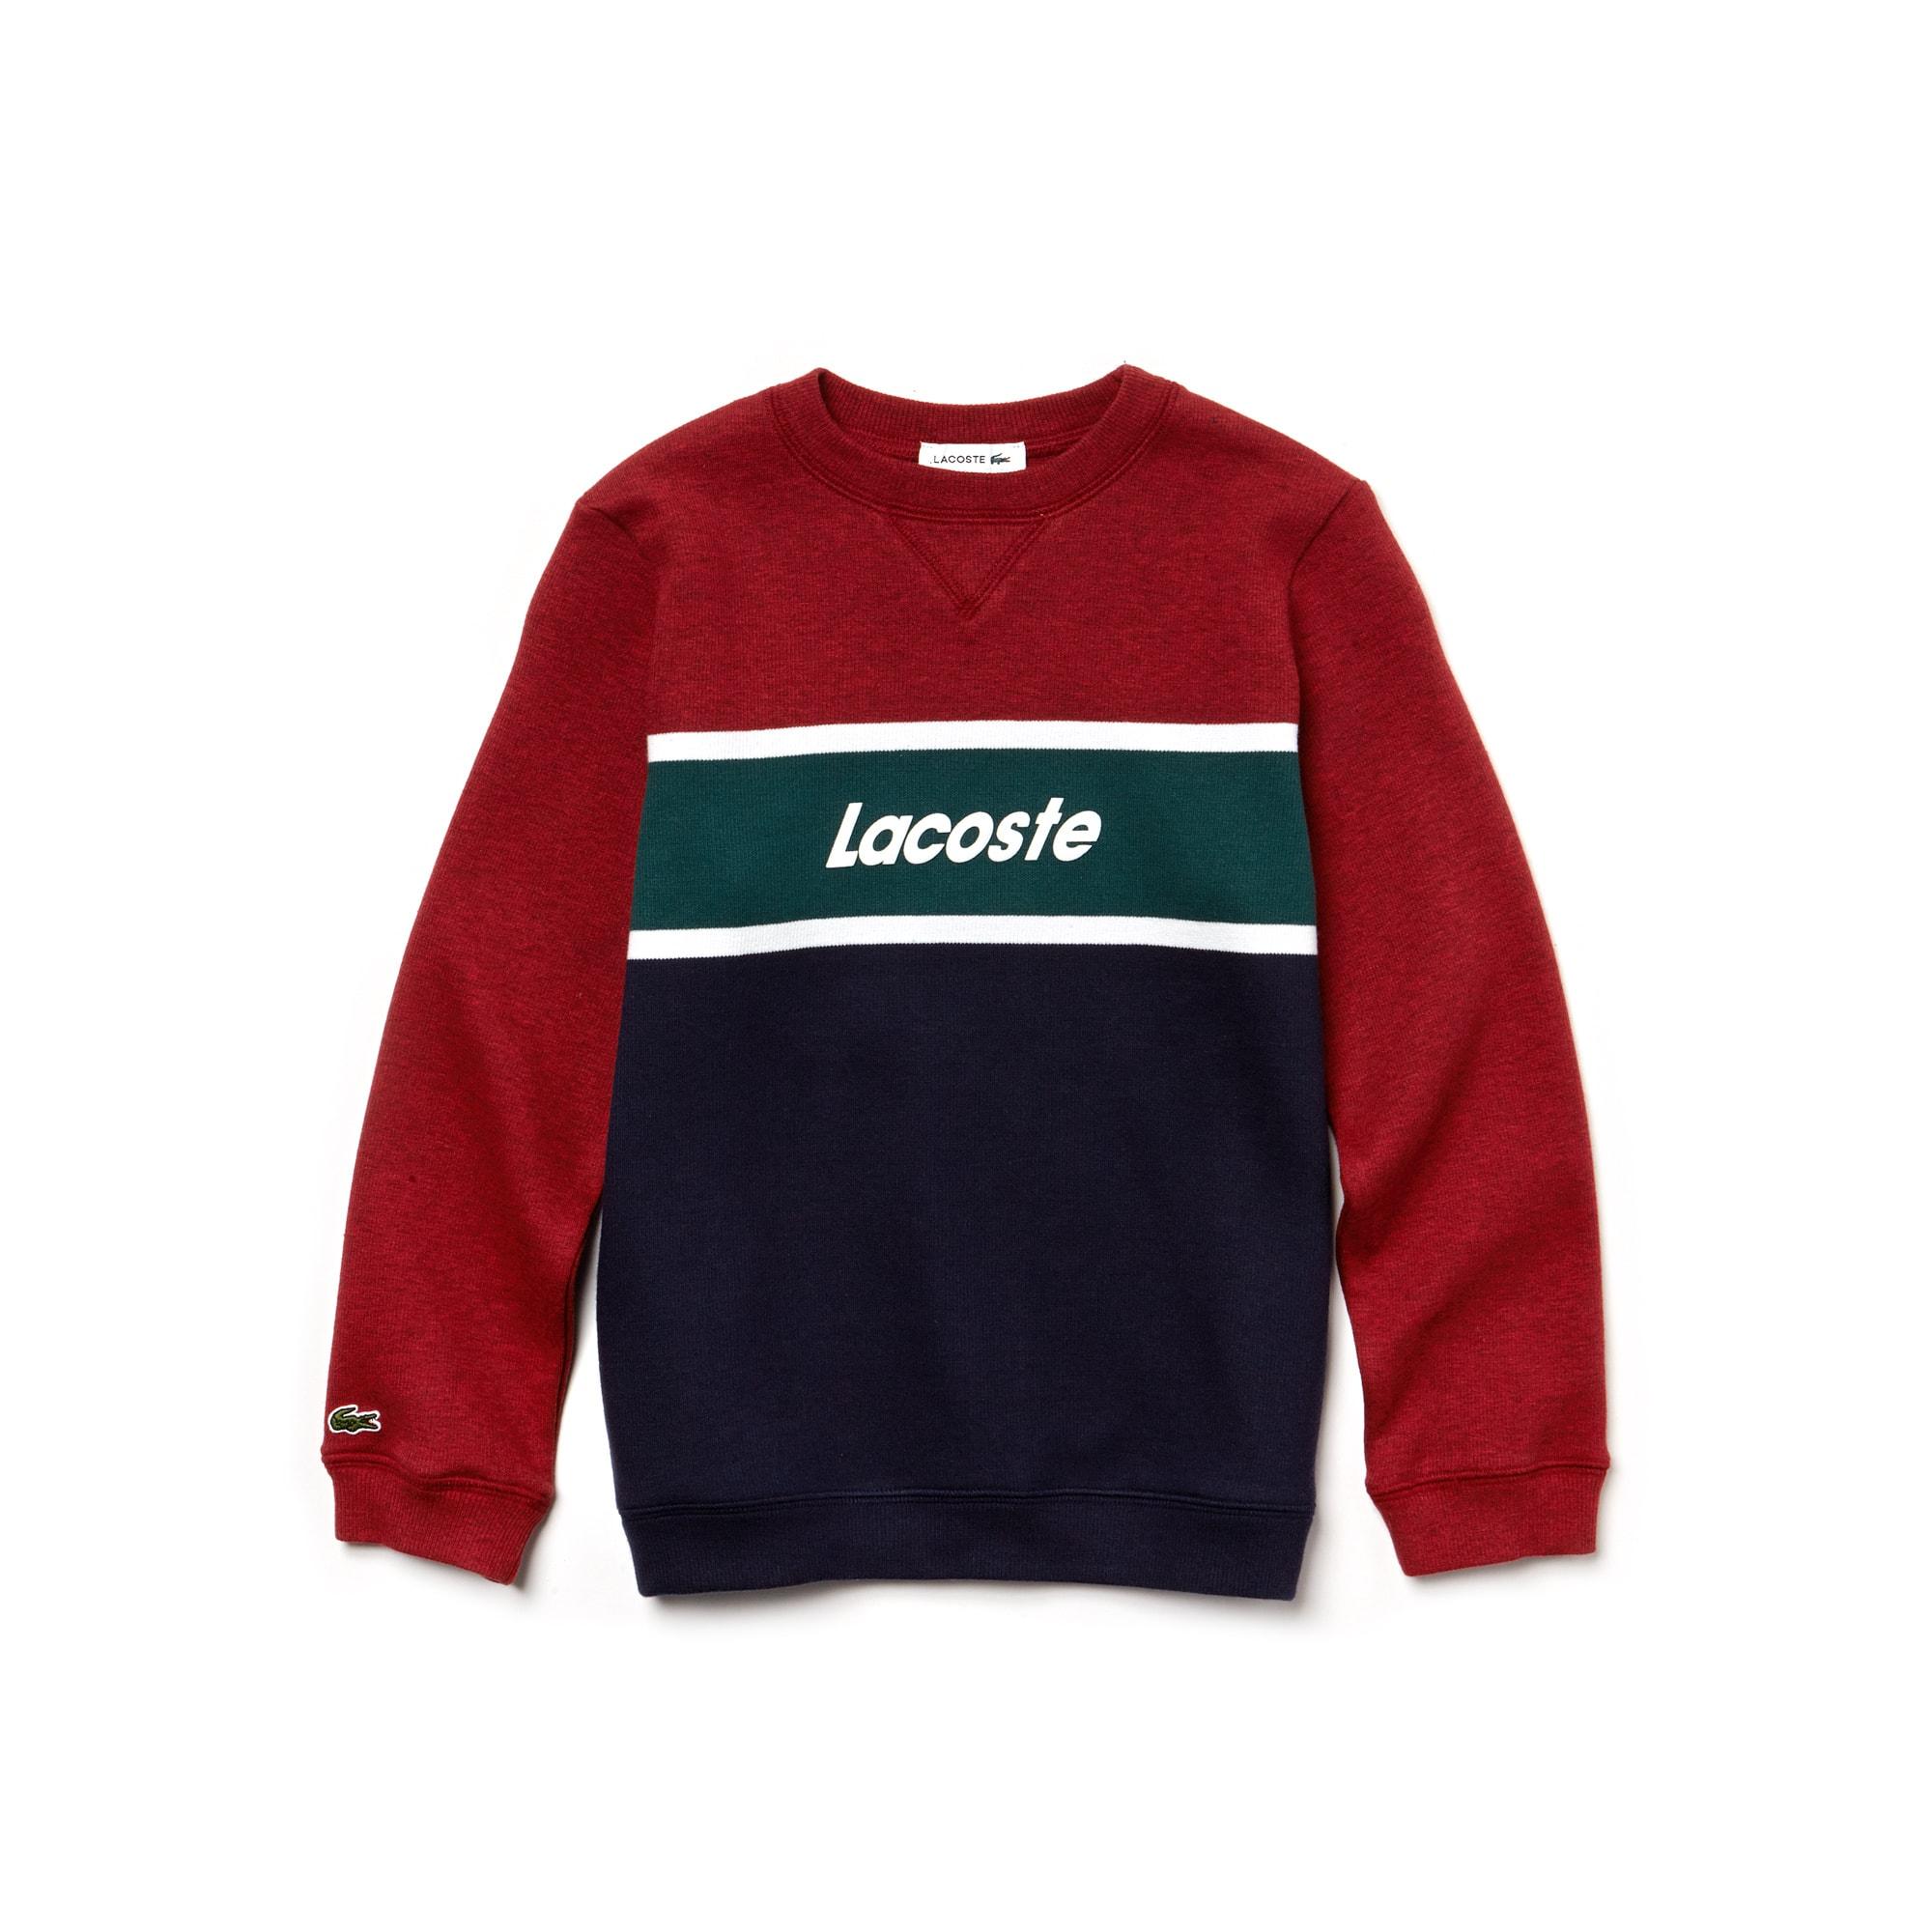 Camisola de decote redondo em jersey color block com marcação Lacoste